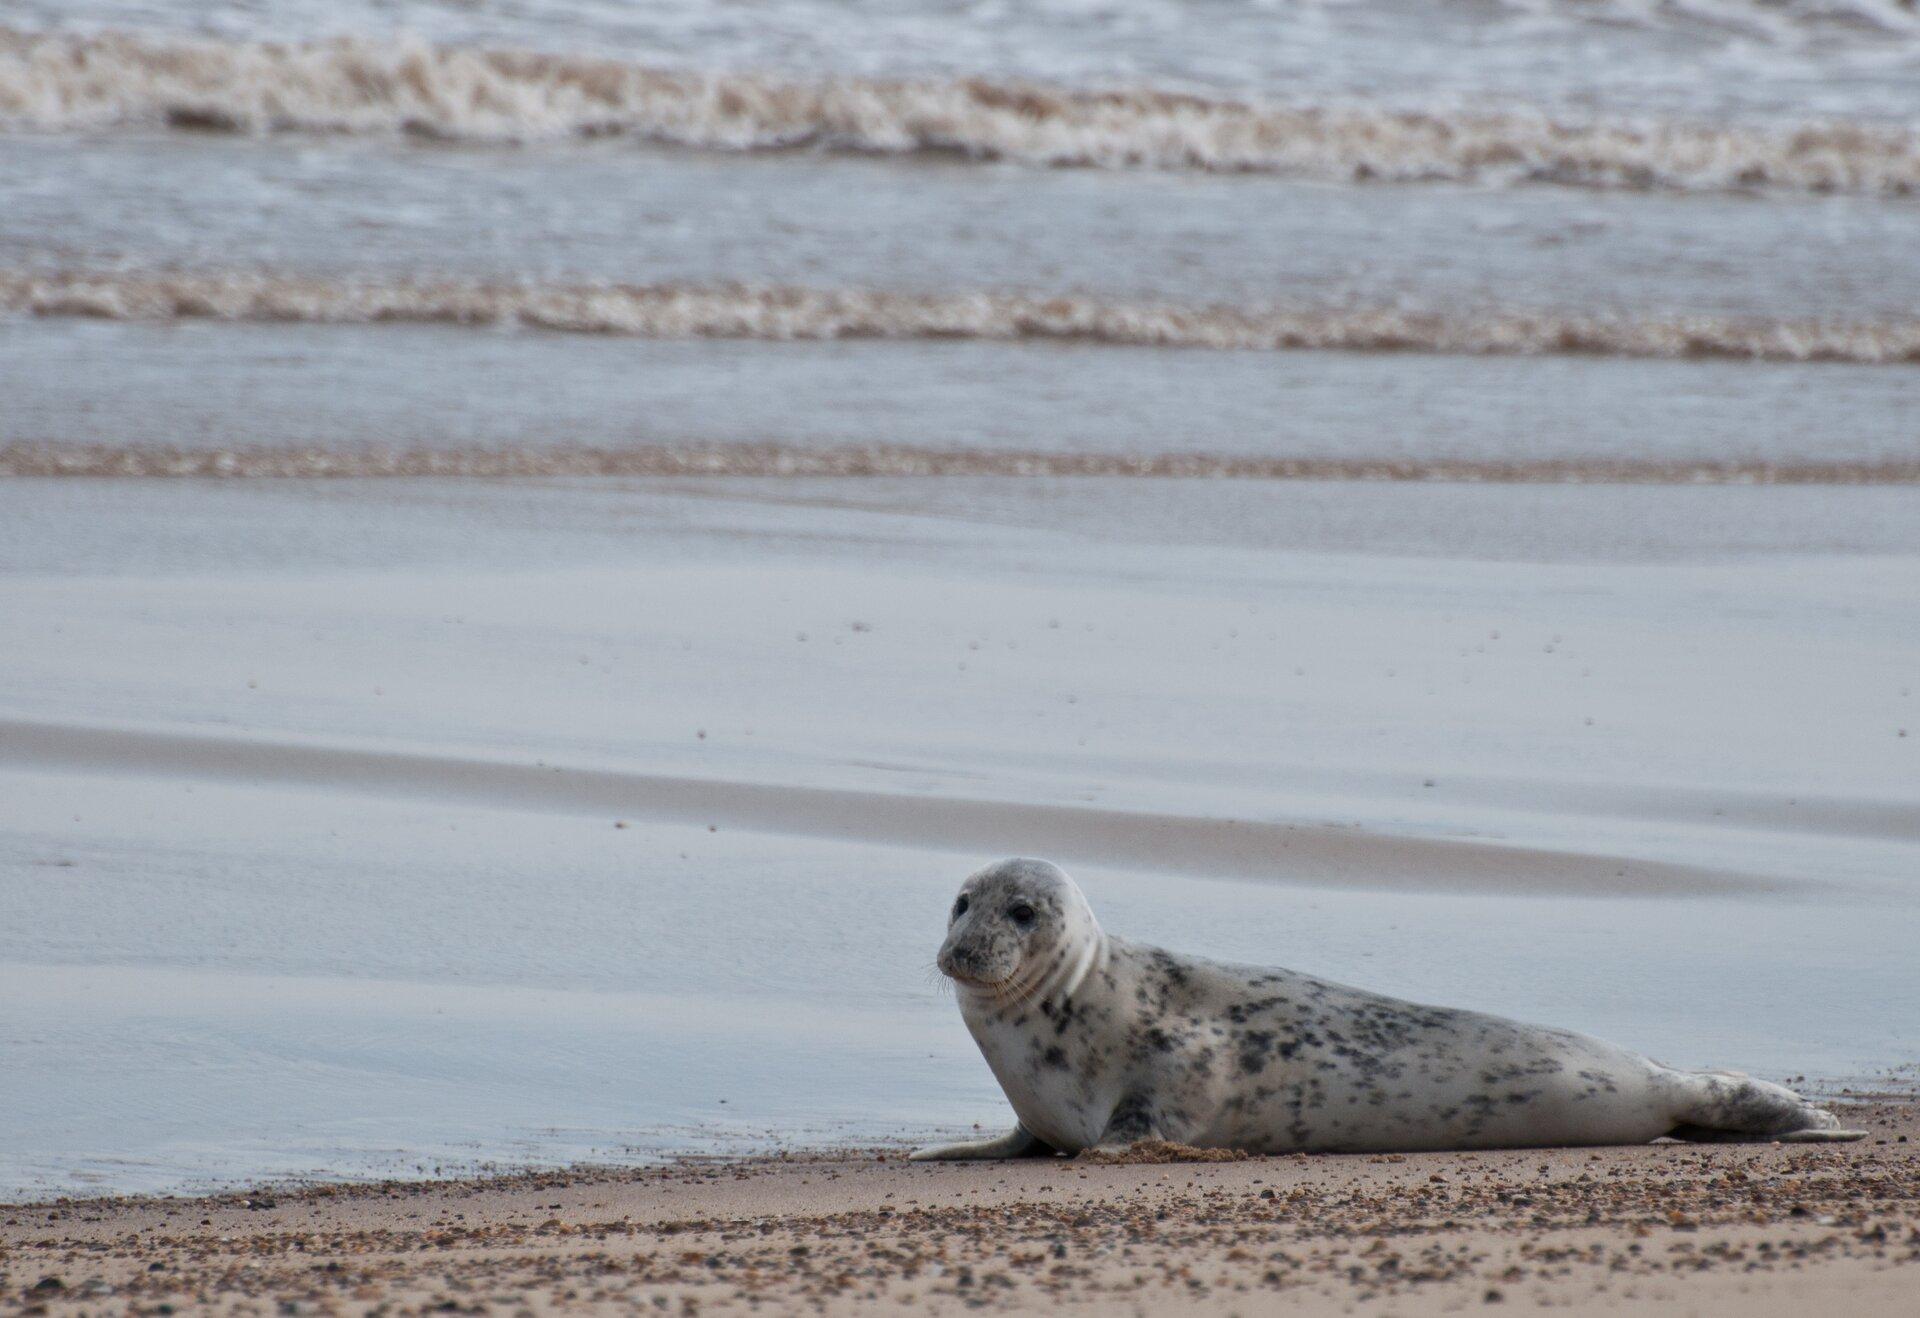 Fotografia prezentuje fokę leżącą na plaży przy morzu. Foka ma ubarwienie jasnoszare zczarnymi niewielkimi plamkami.